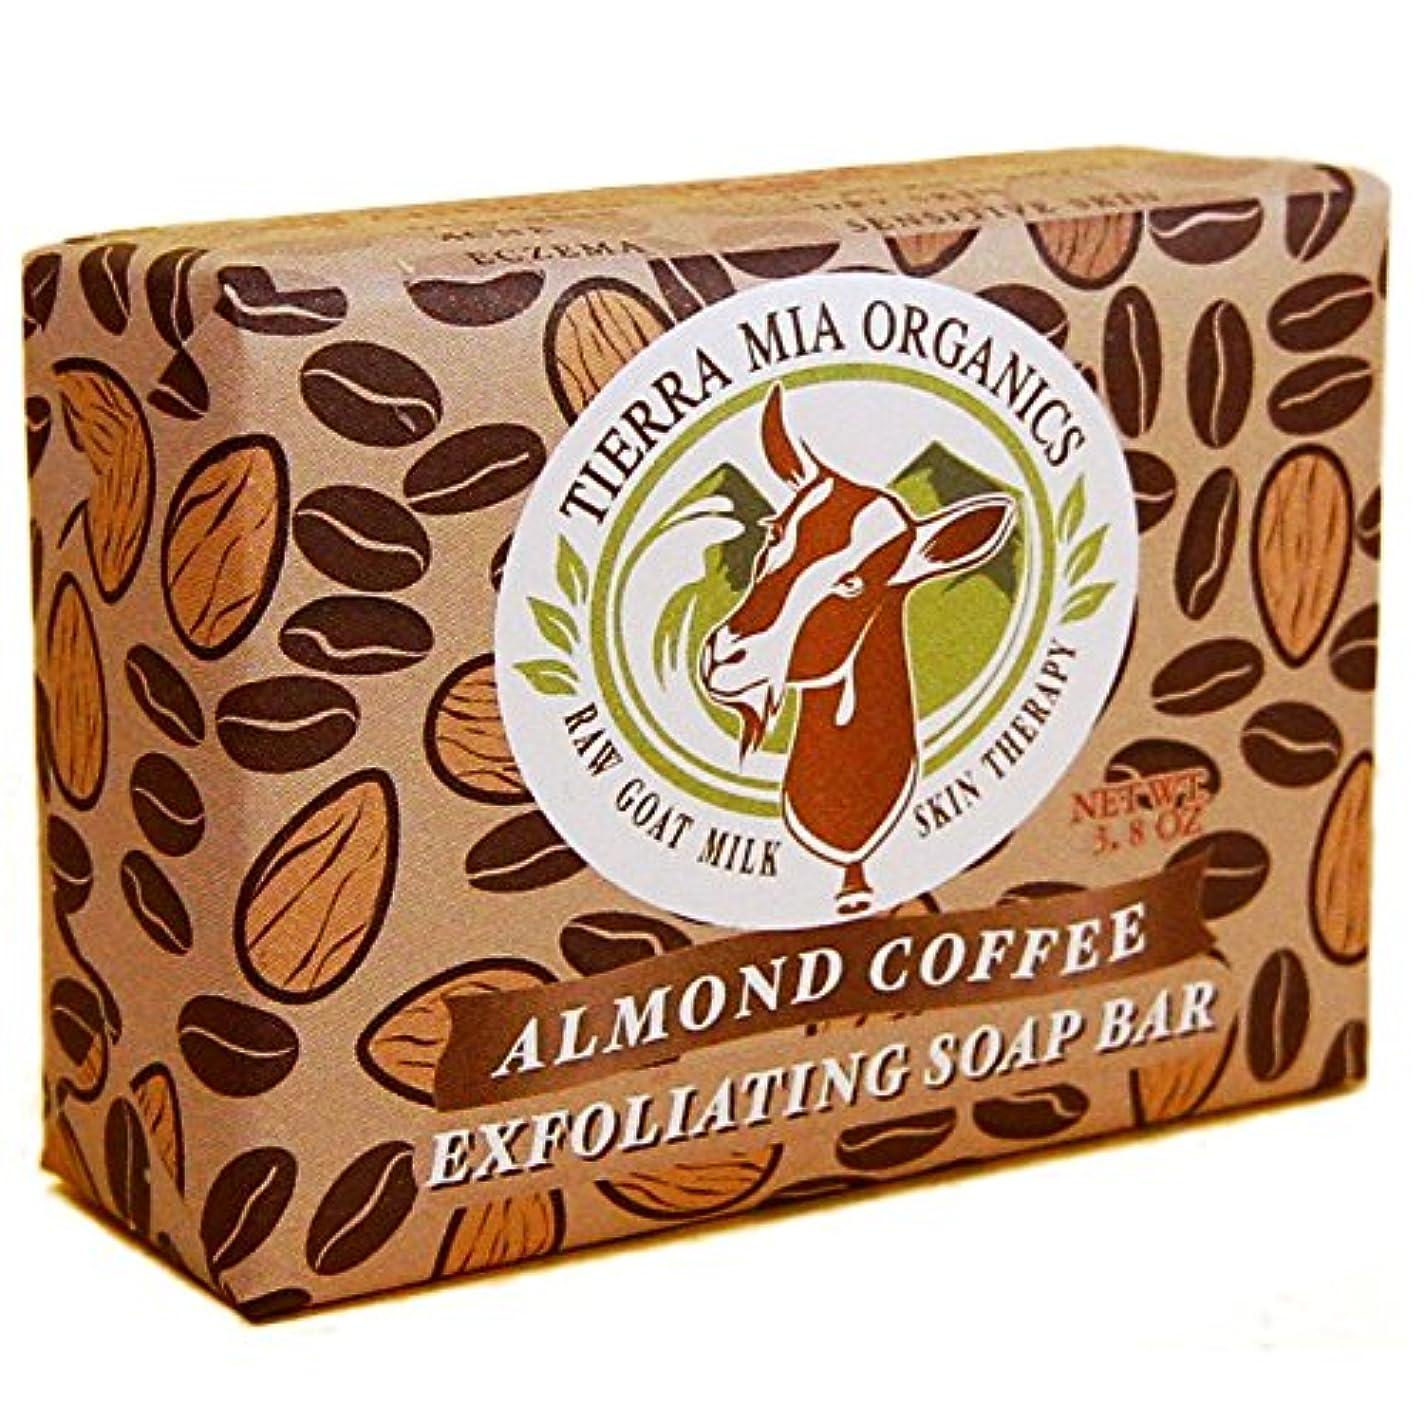 マンモス出撃者運動Tierra Mia Organics, Raw Goat Milk Skin Therapy, Exfoliating Soap Bar, Almond Coffee, 3.8 oz